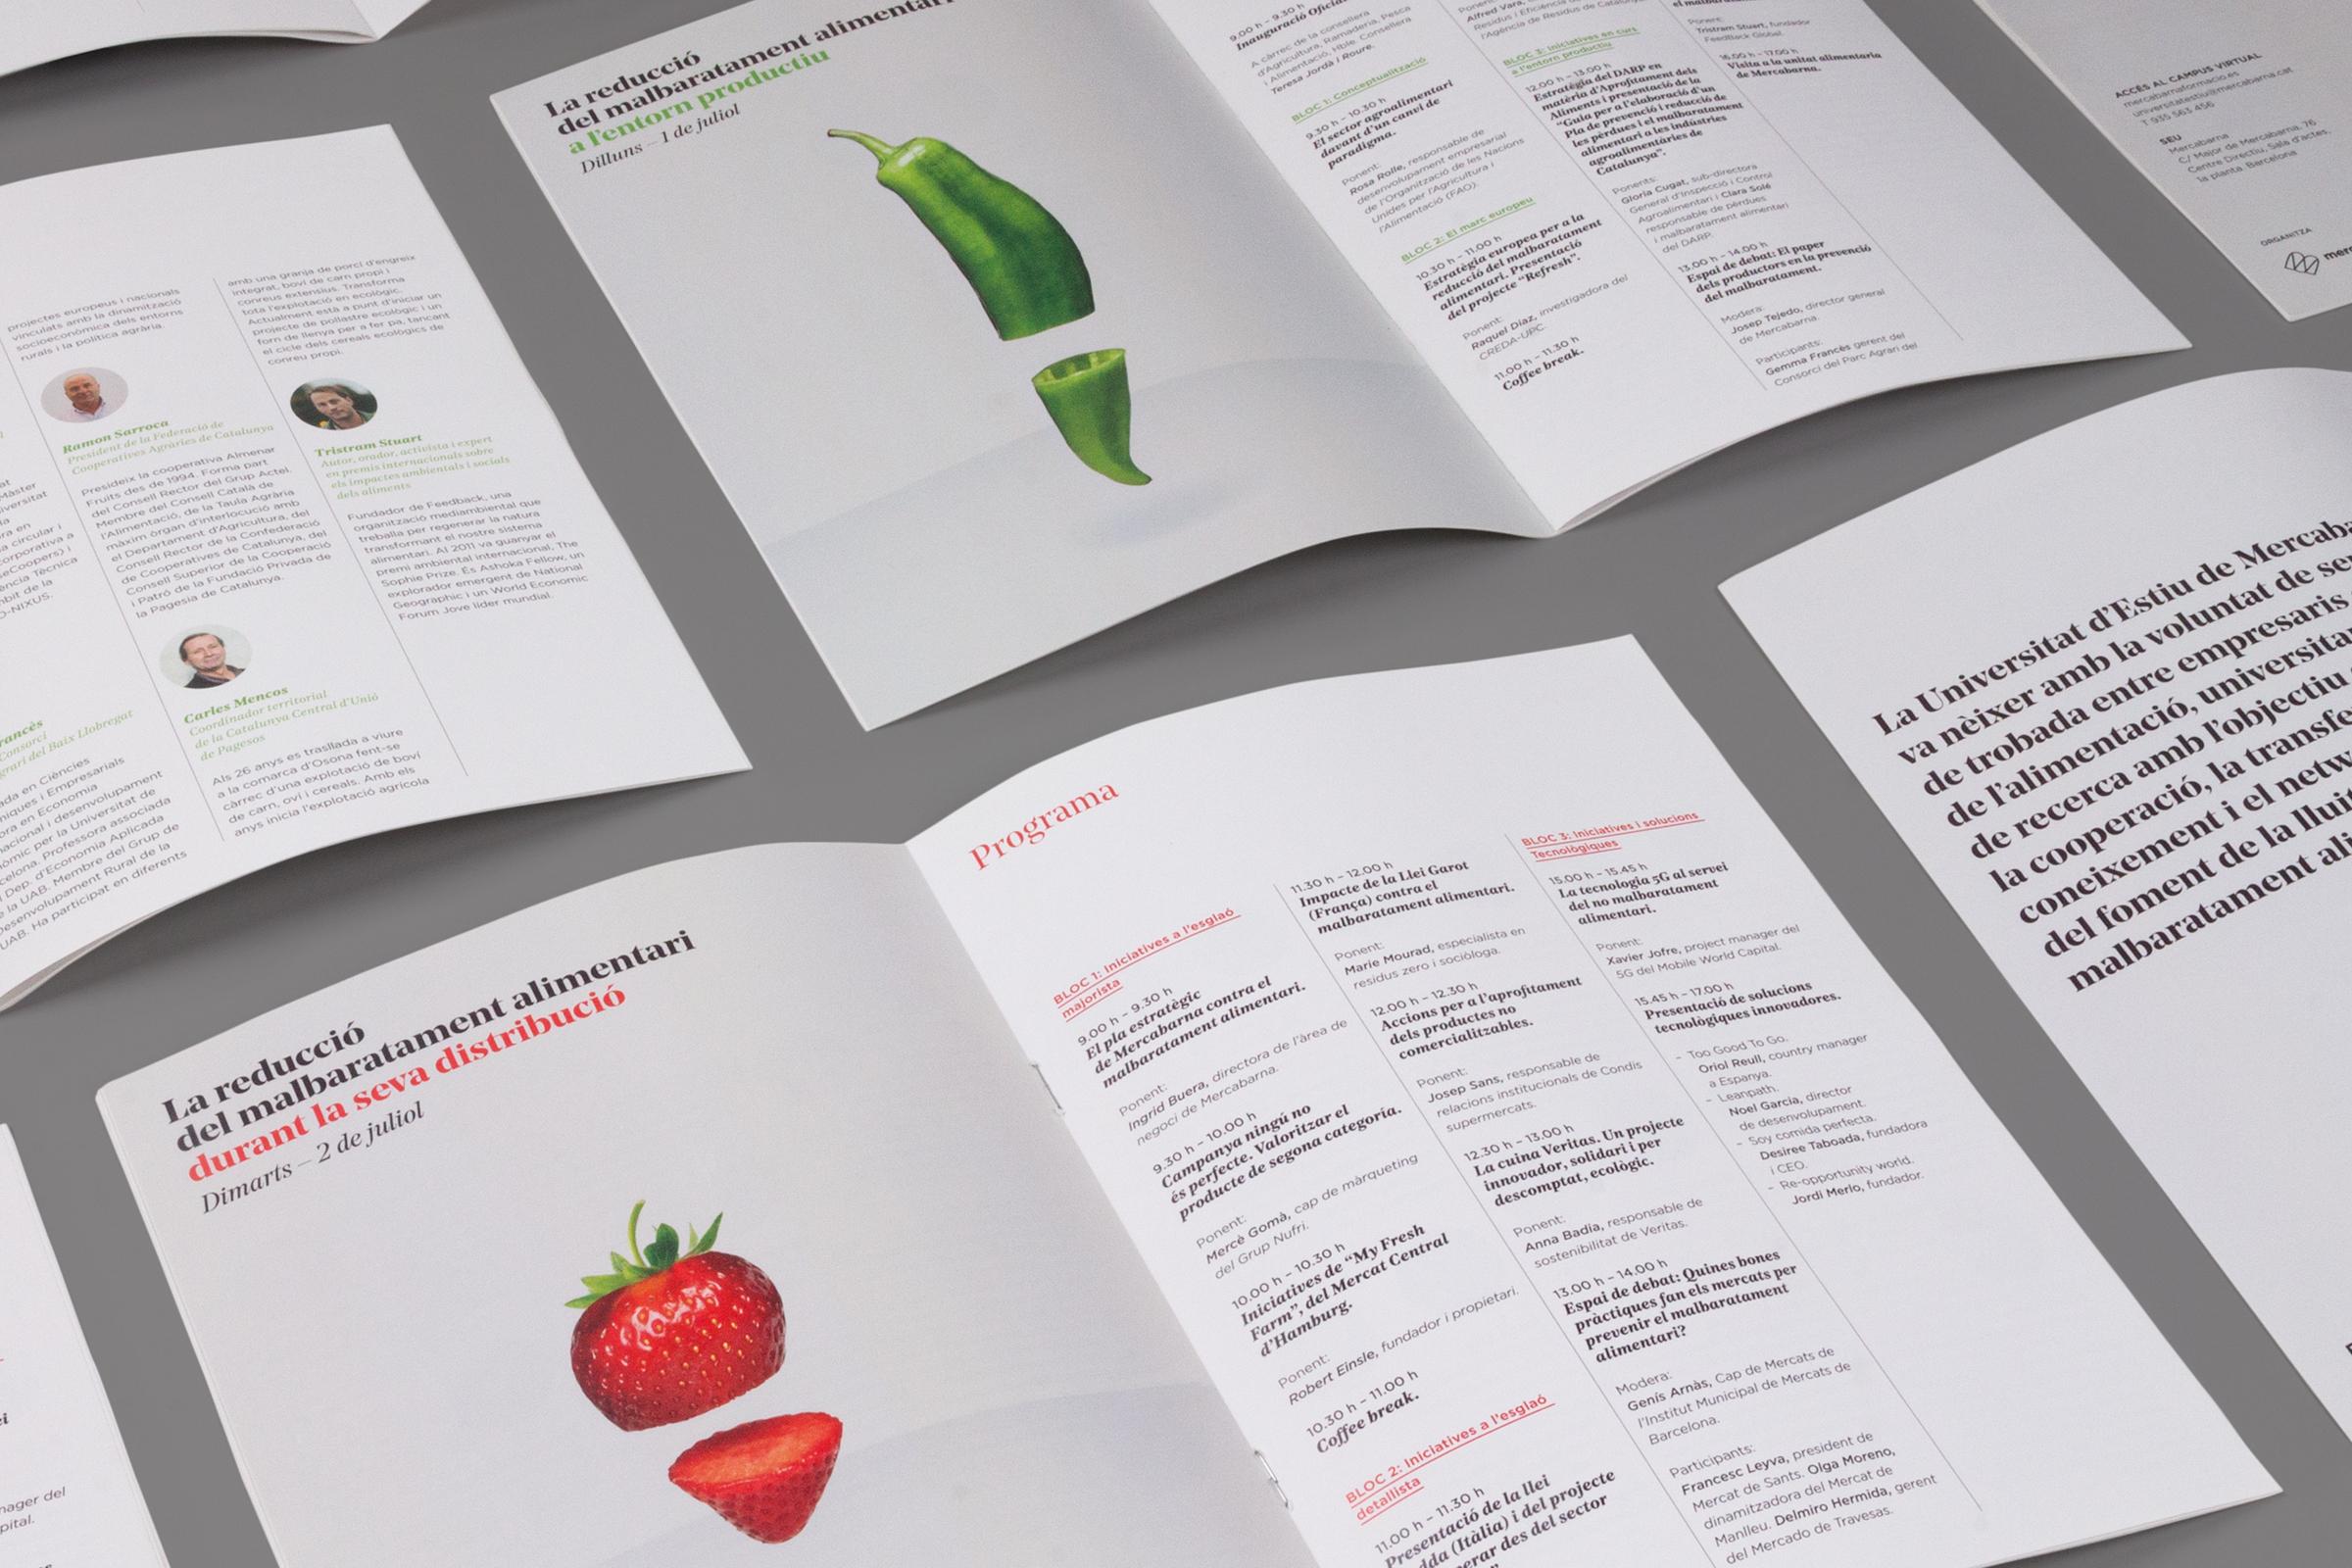 mercabarna-folleto-01-2400x1600px